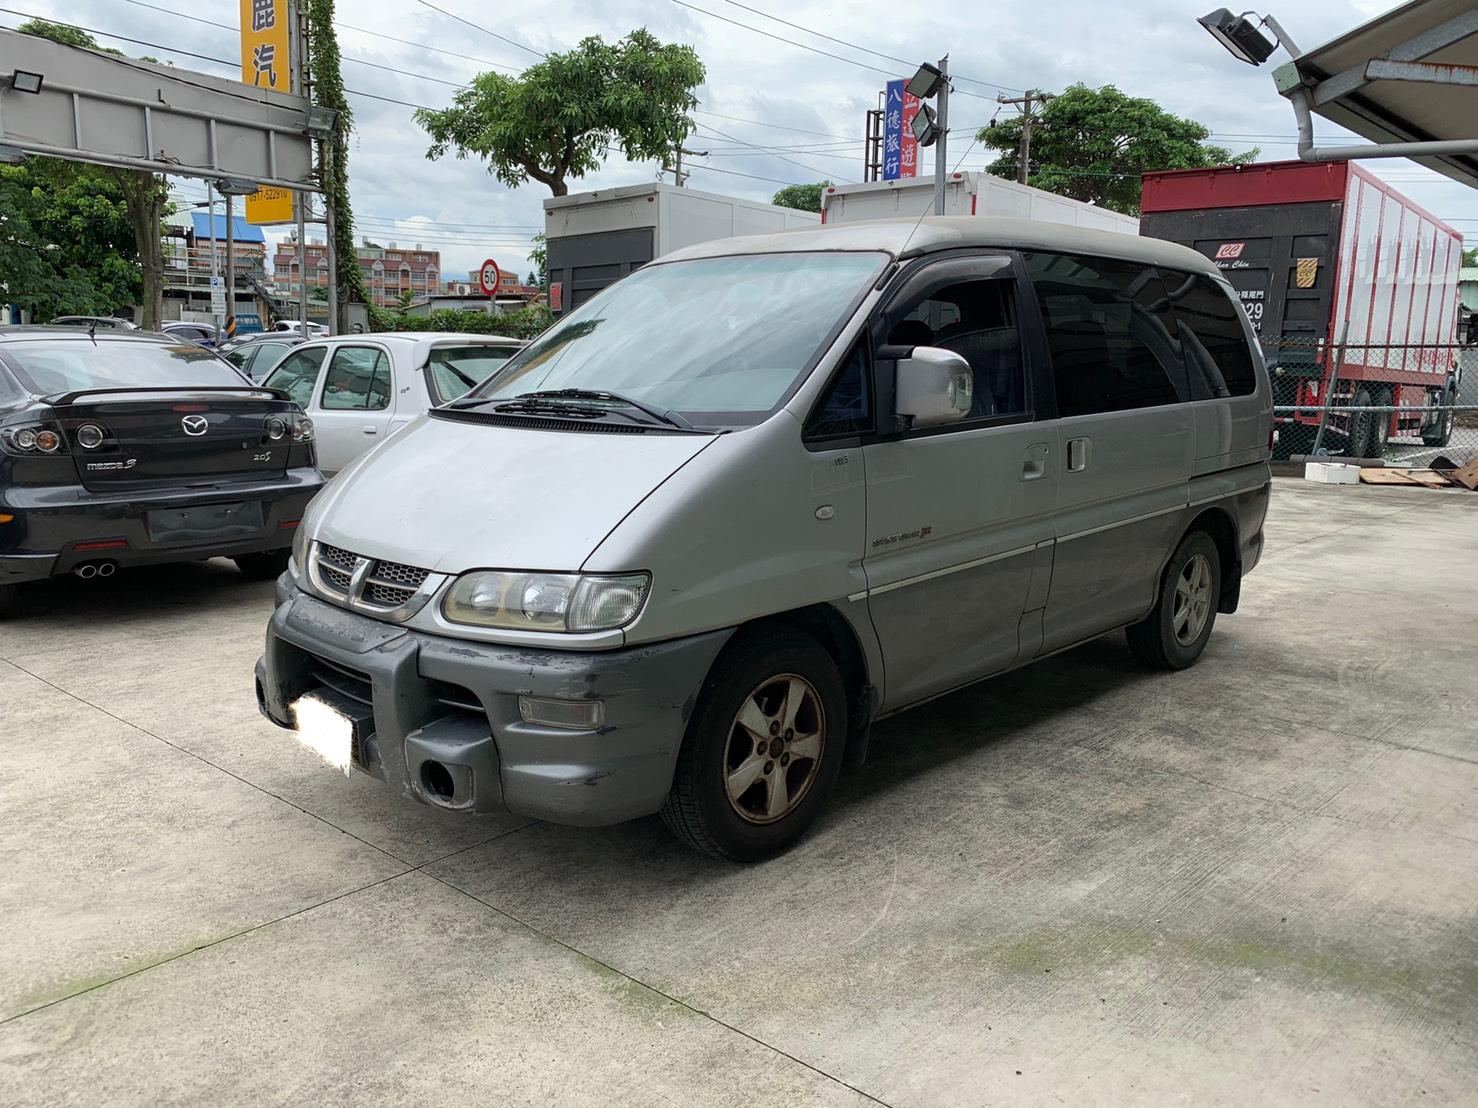 2002 Mitsubishi 三菱 Space gear